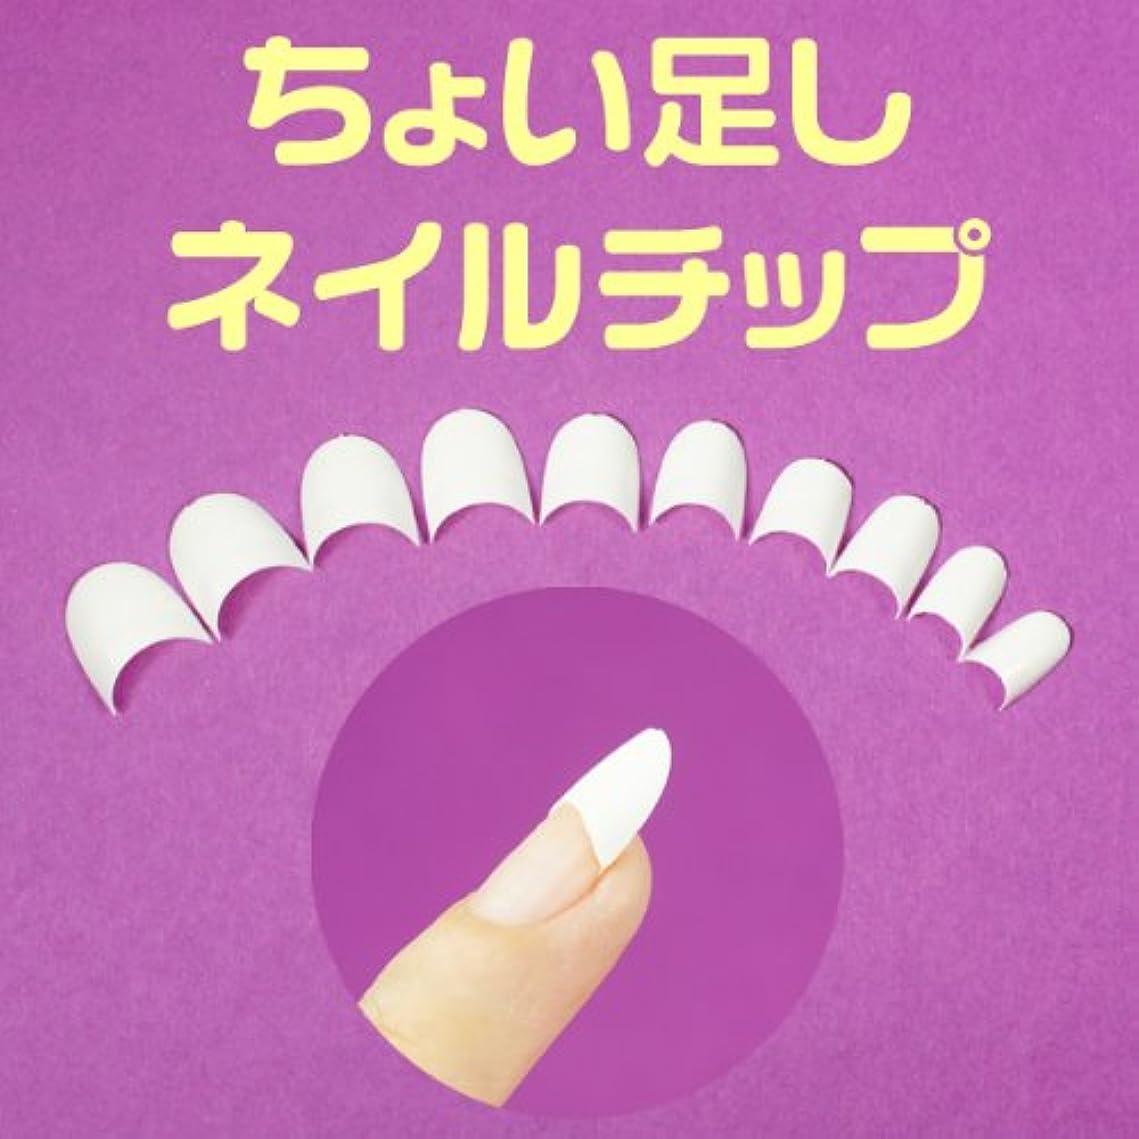 配管工磁石る白いちょい足しネイルチップ 超短いハーフチップ スカルプチャー ジェルネイル ラウンドショートクリアネイルチップ つけ爪付け爪